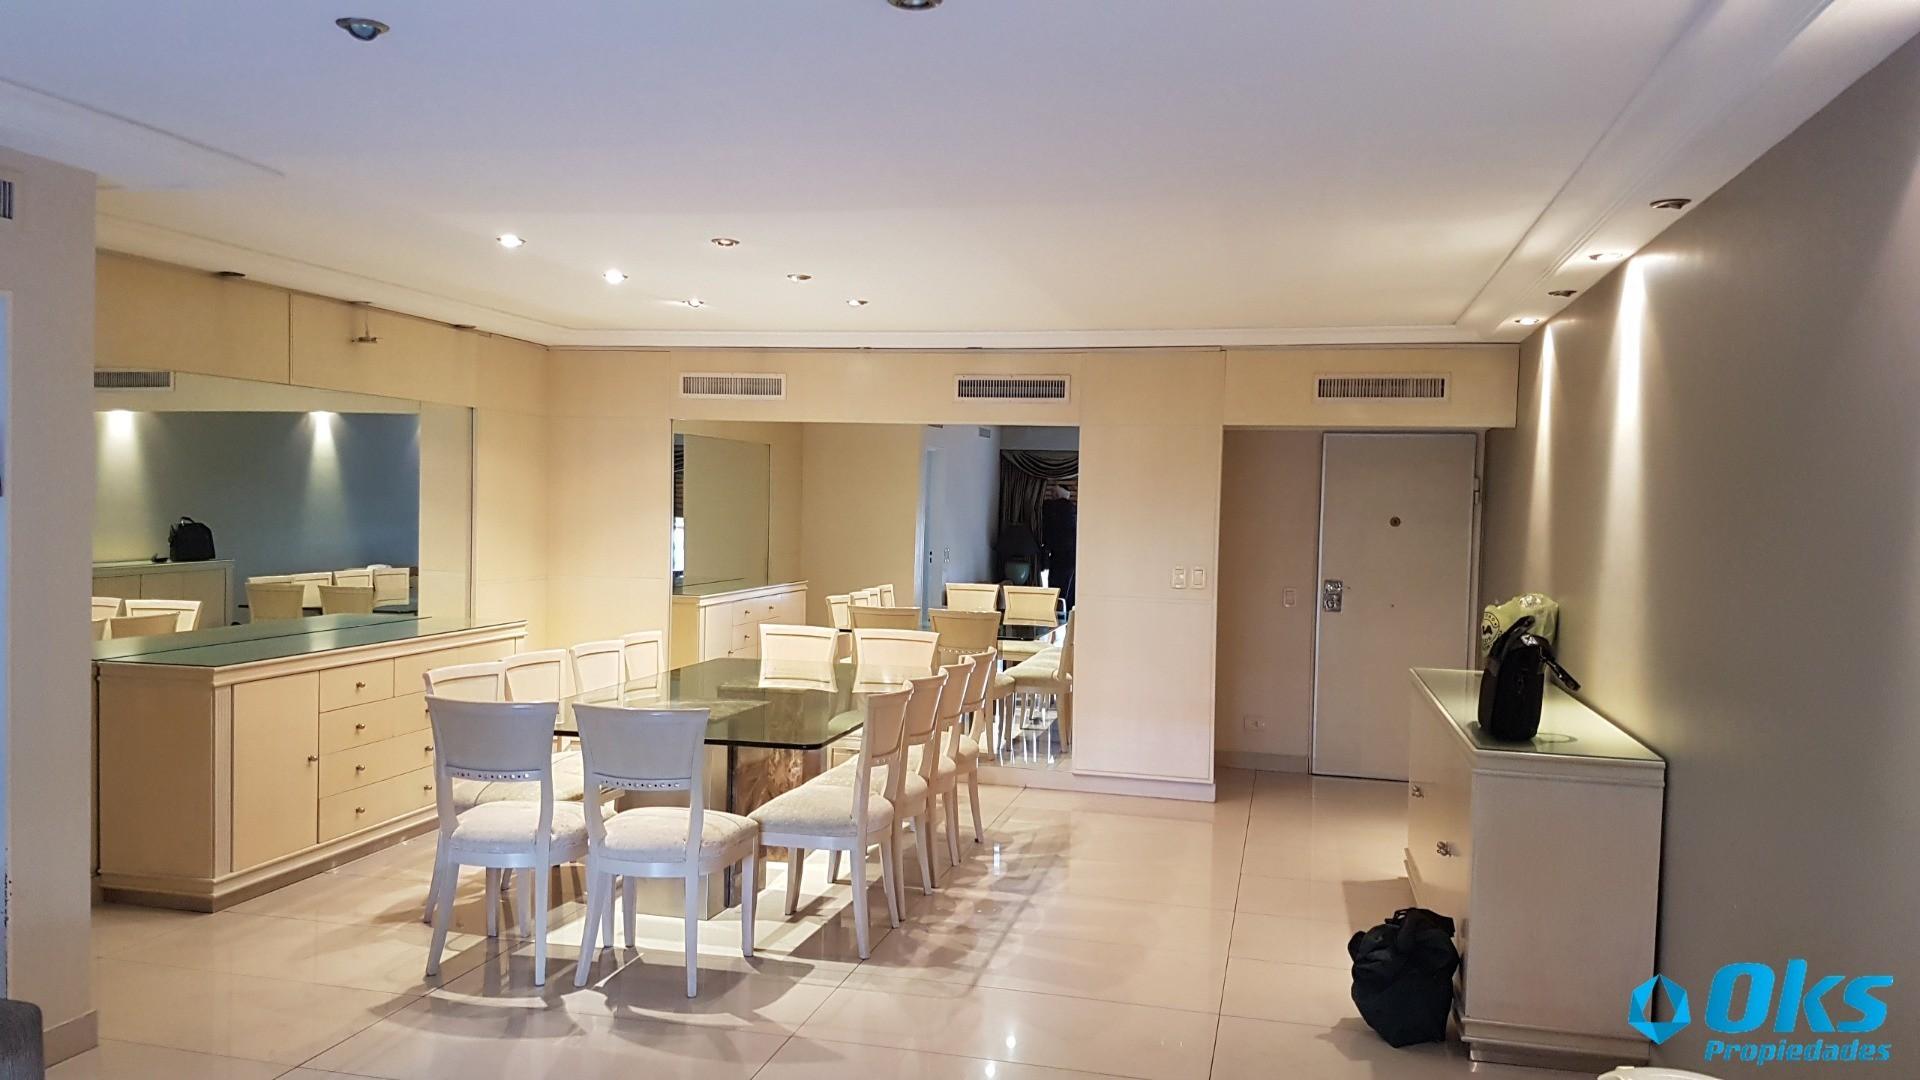 Hermoso Piso 4 ambientes - 210 m2 - con Dependencia, Cochera y Baulera